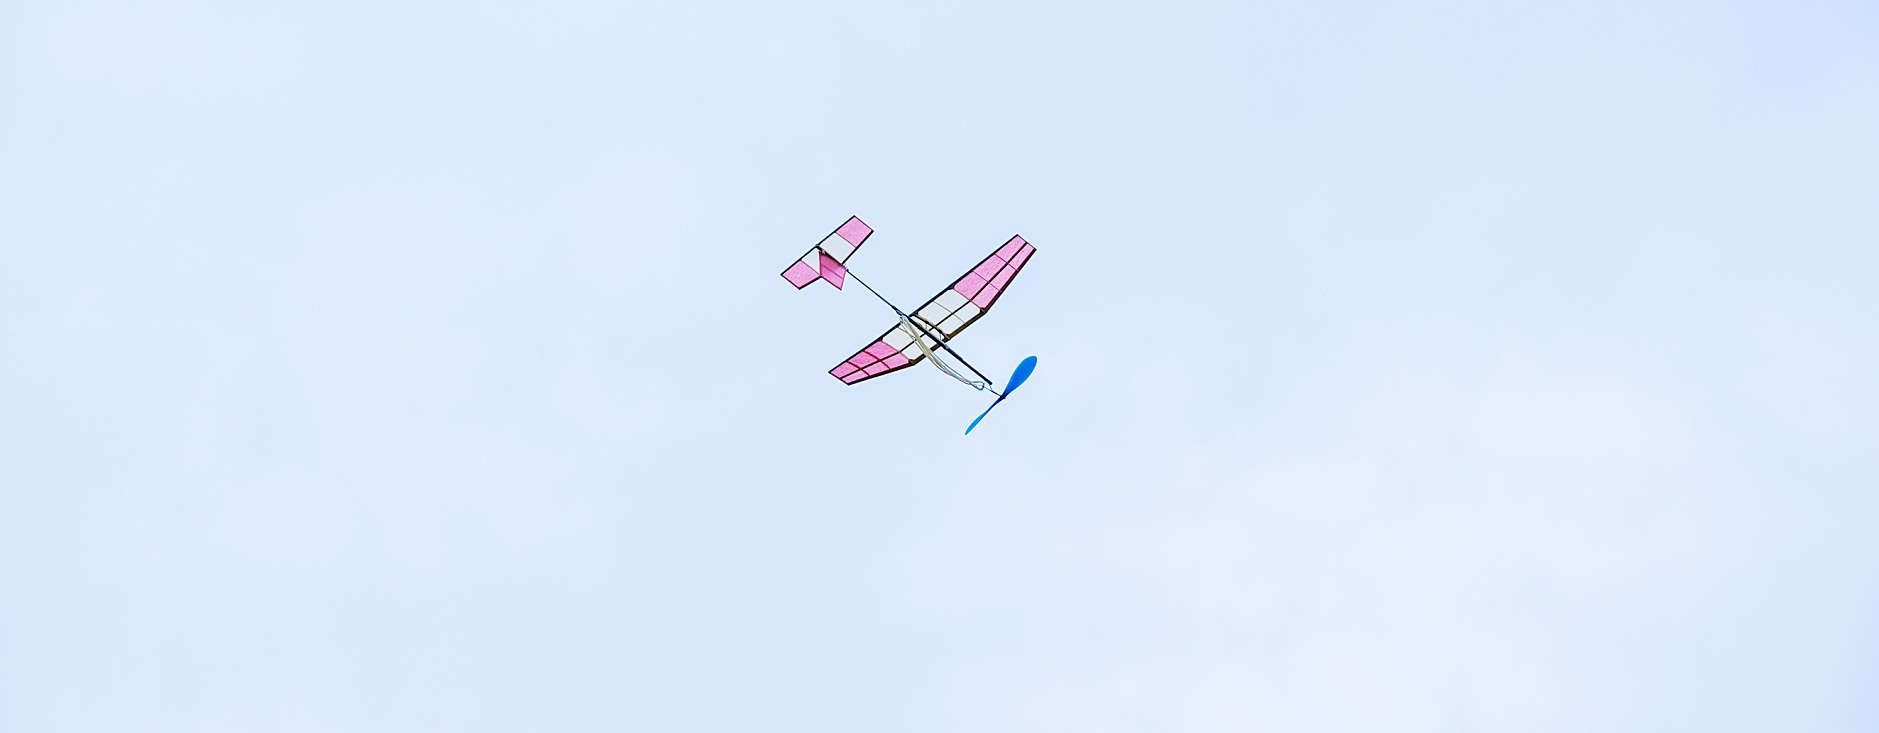 紙飛行機、思い想いに風に乗せ。